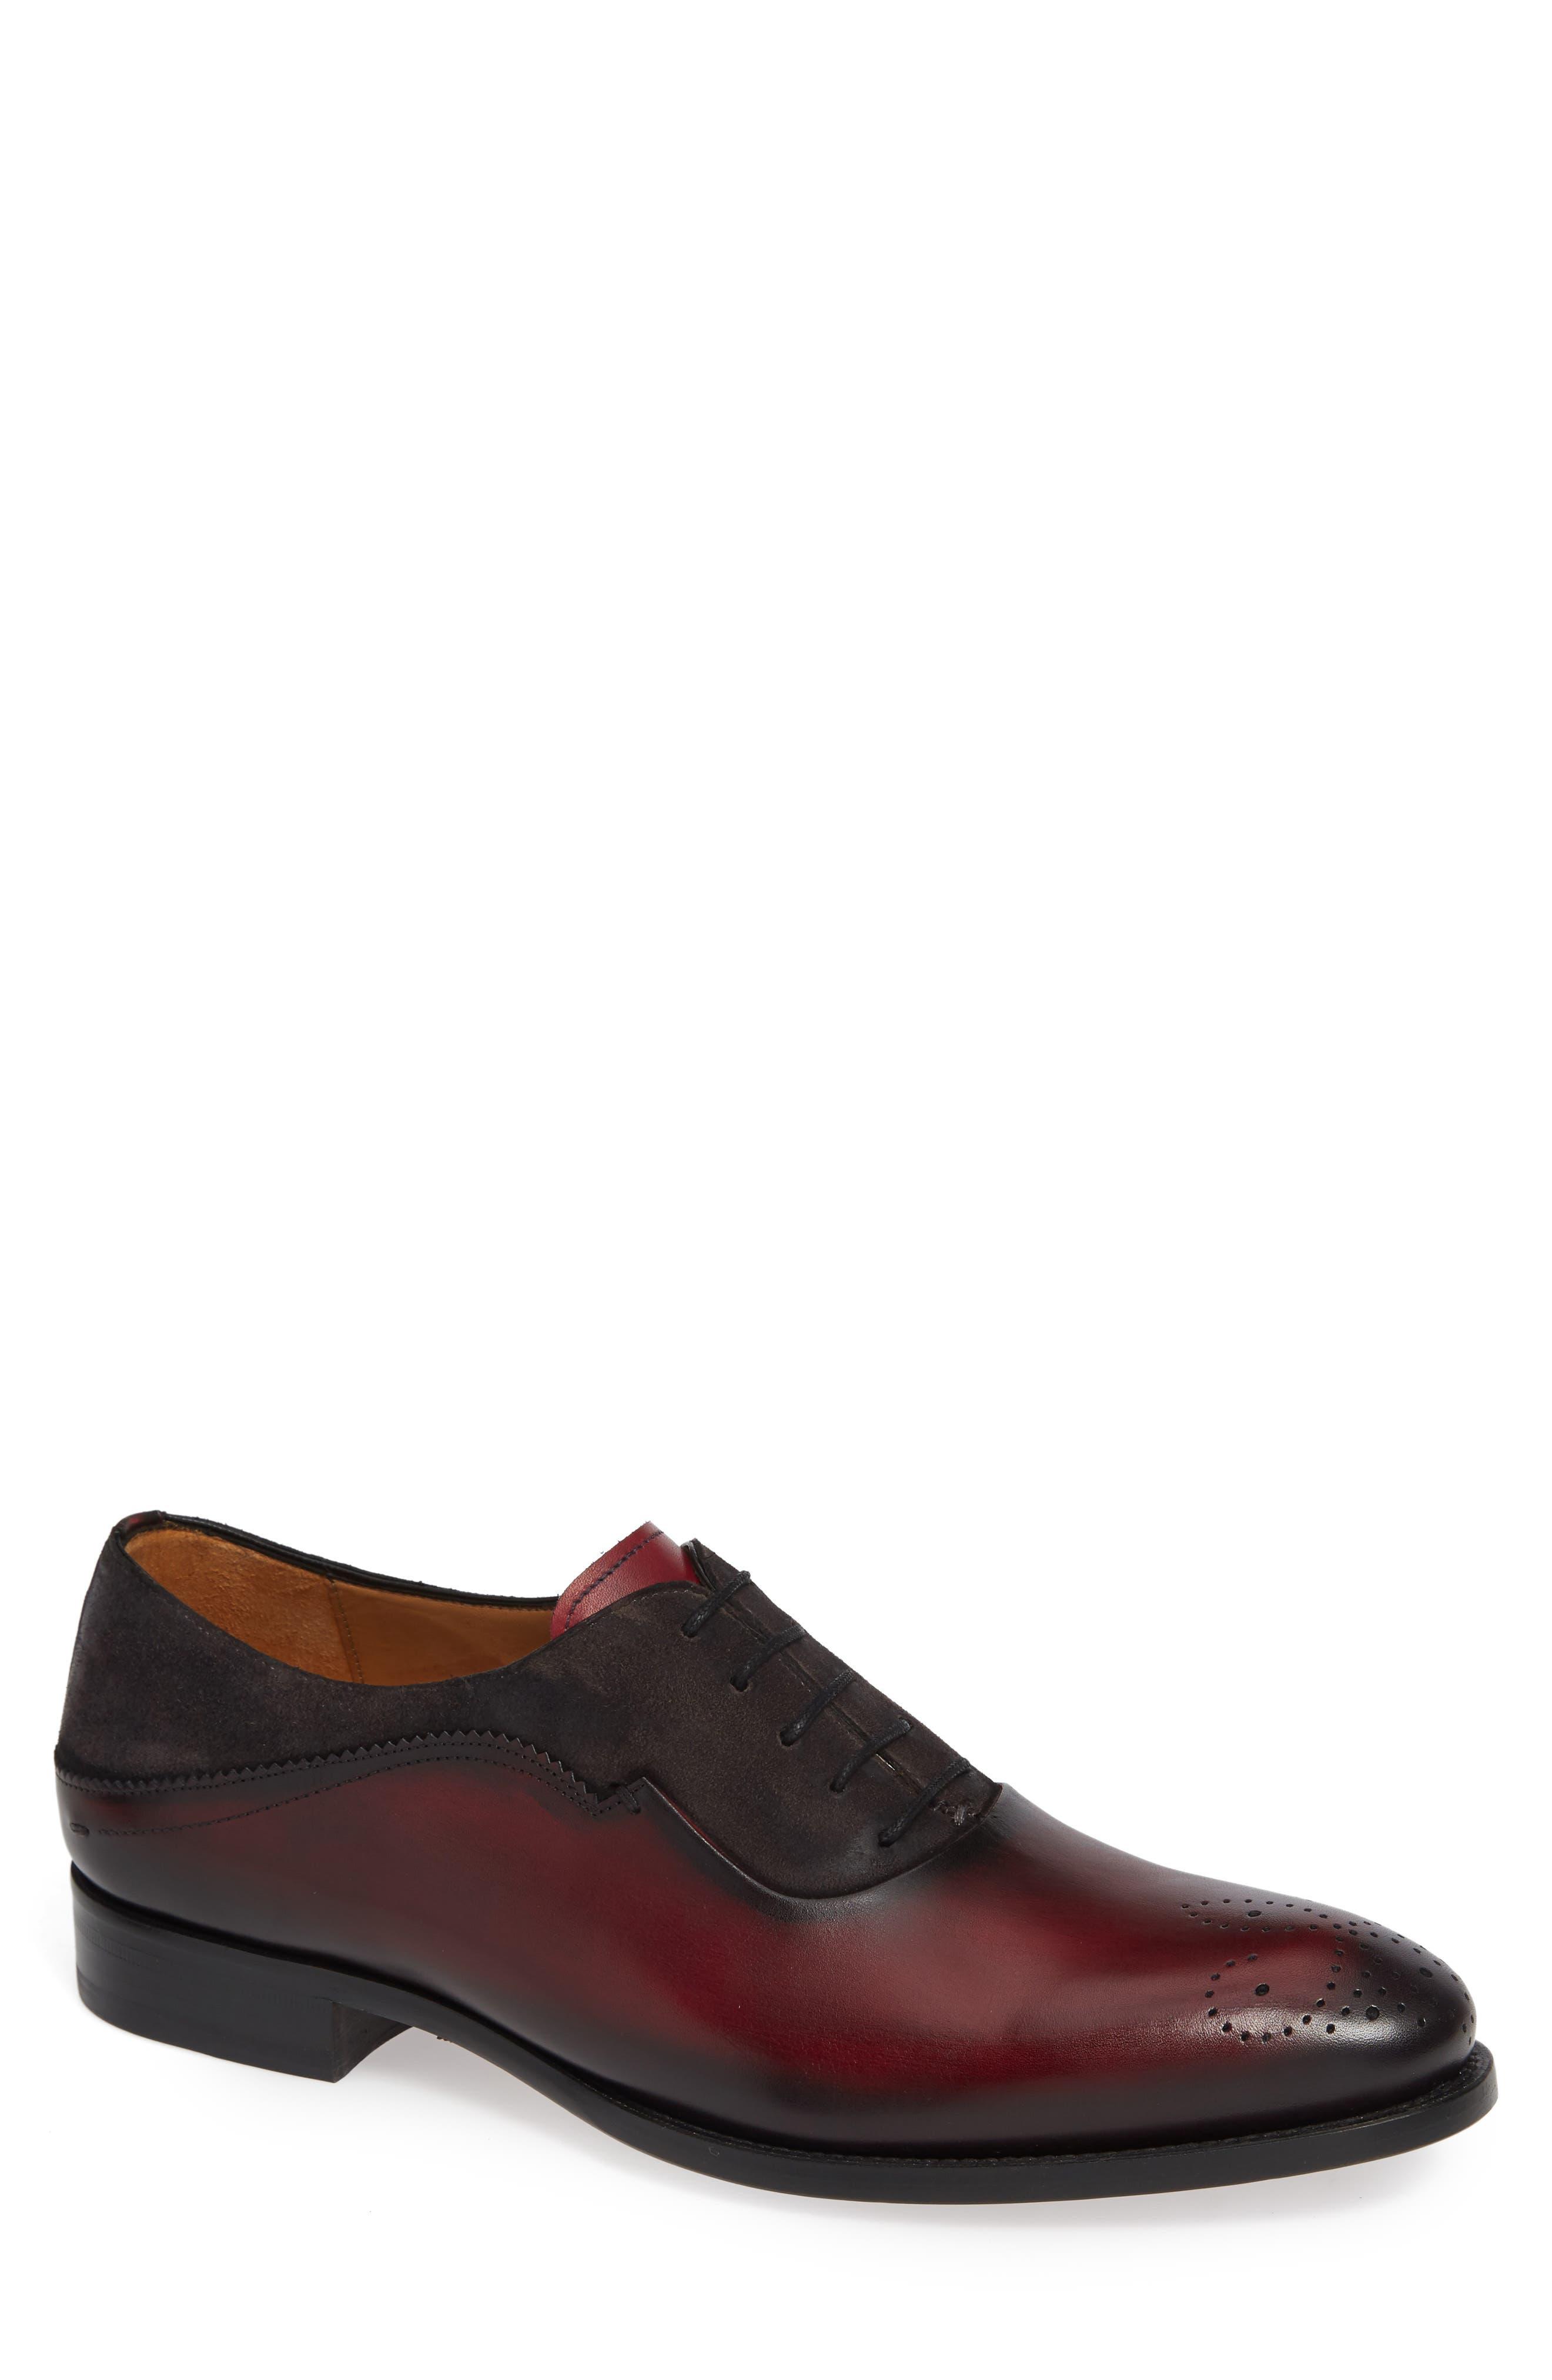 Mezlan Hanks Longwing Oxford, Red